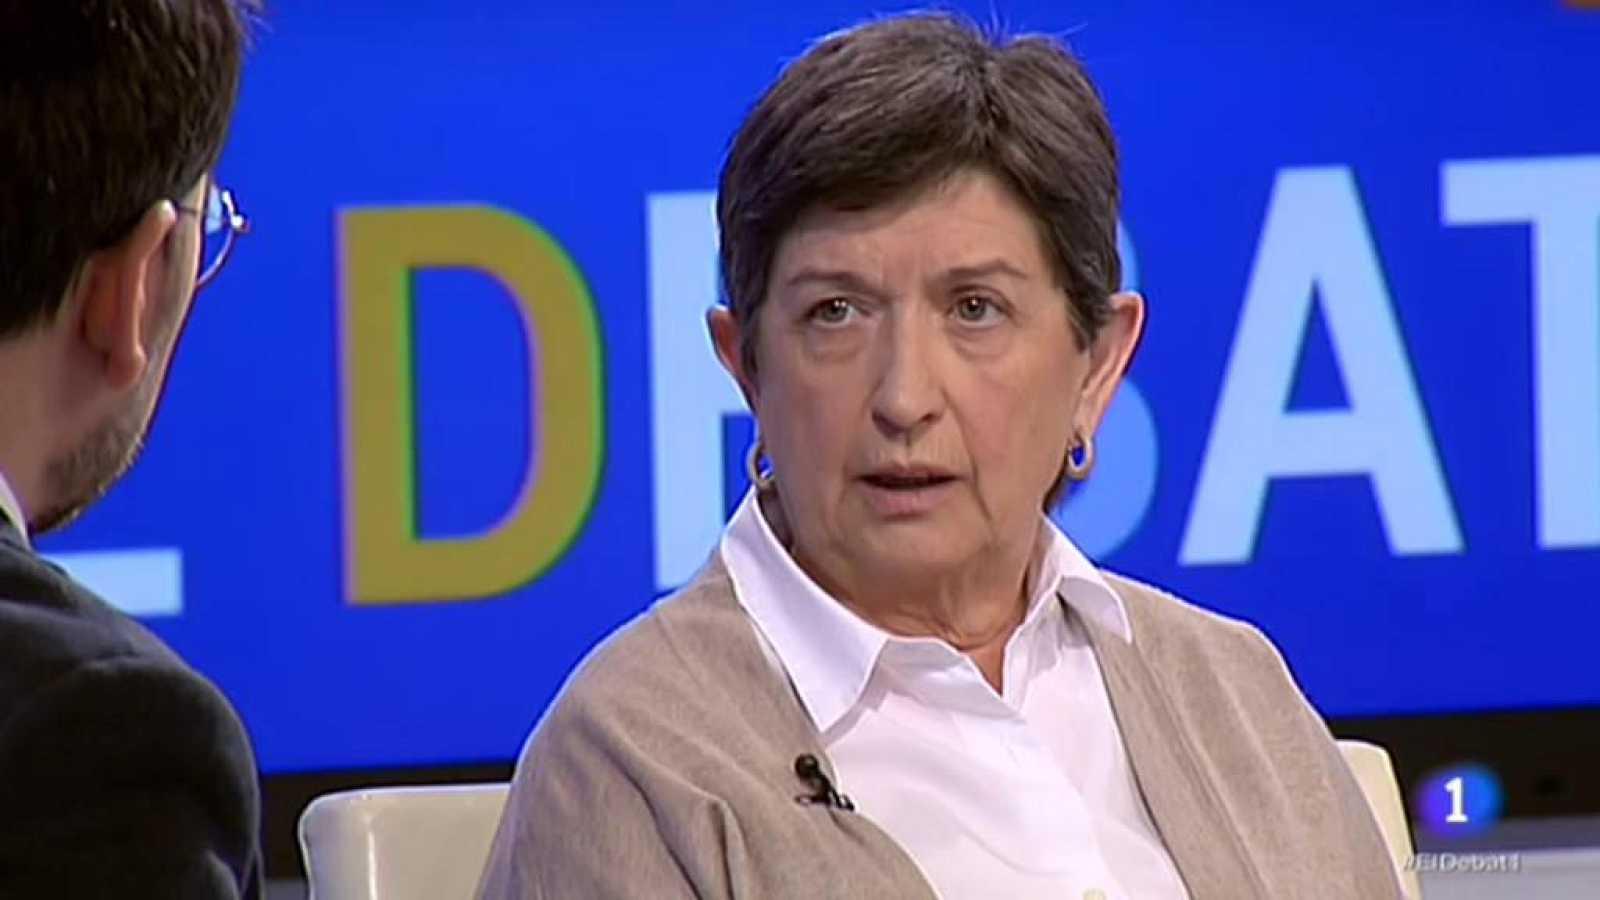 El Debat de La 1 - La delegada del govern a Catalunya, Teresa Cunillera